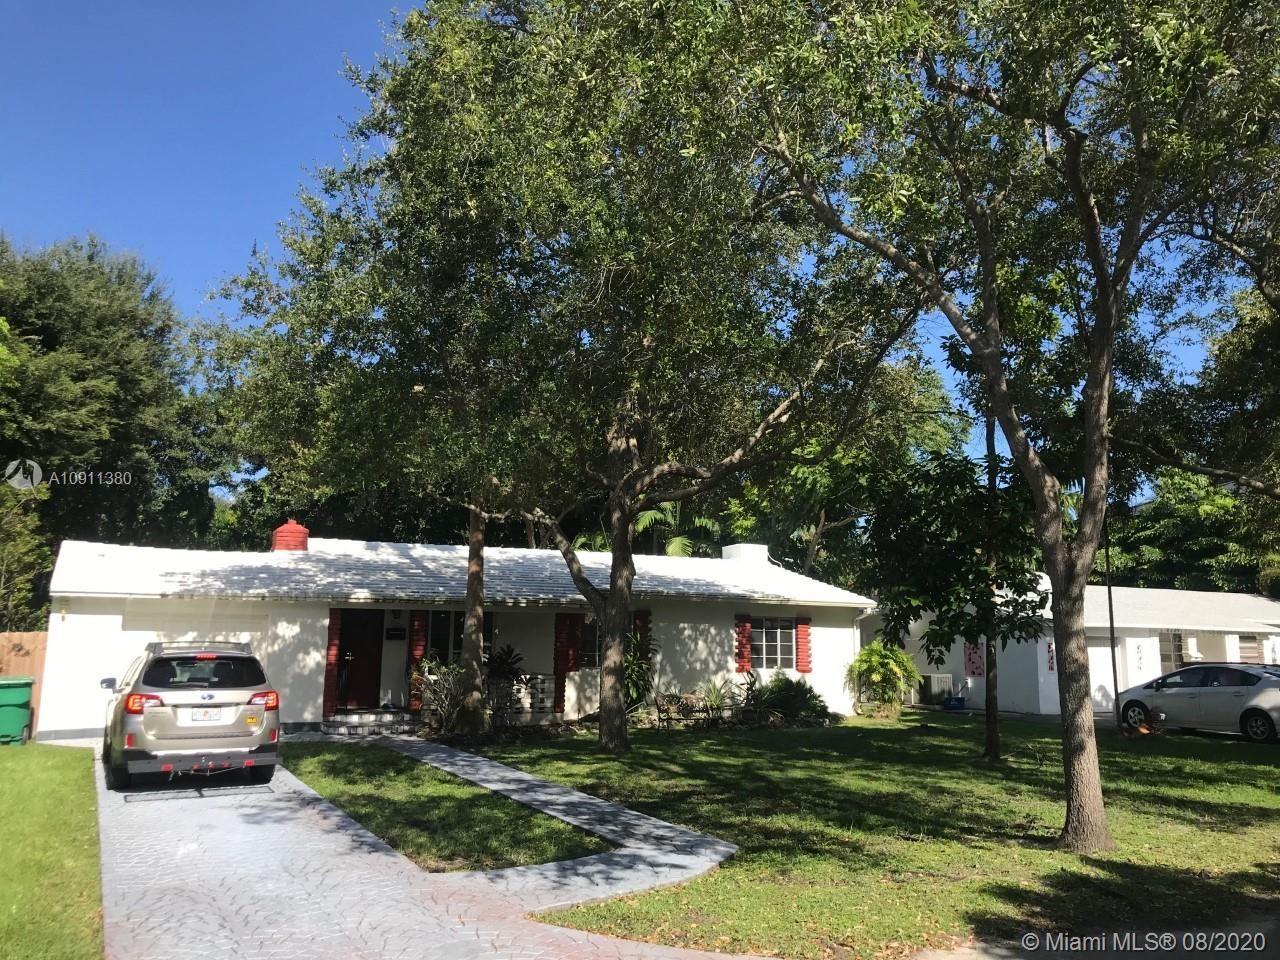 7225 SW 53rd Ct, Miami, FL 33143 - #: A10911380